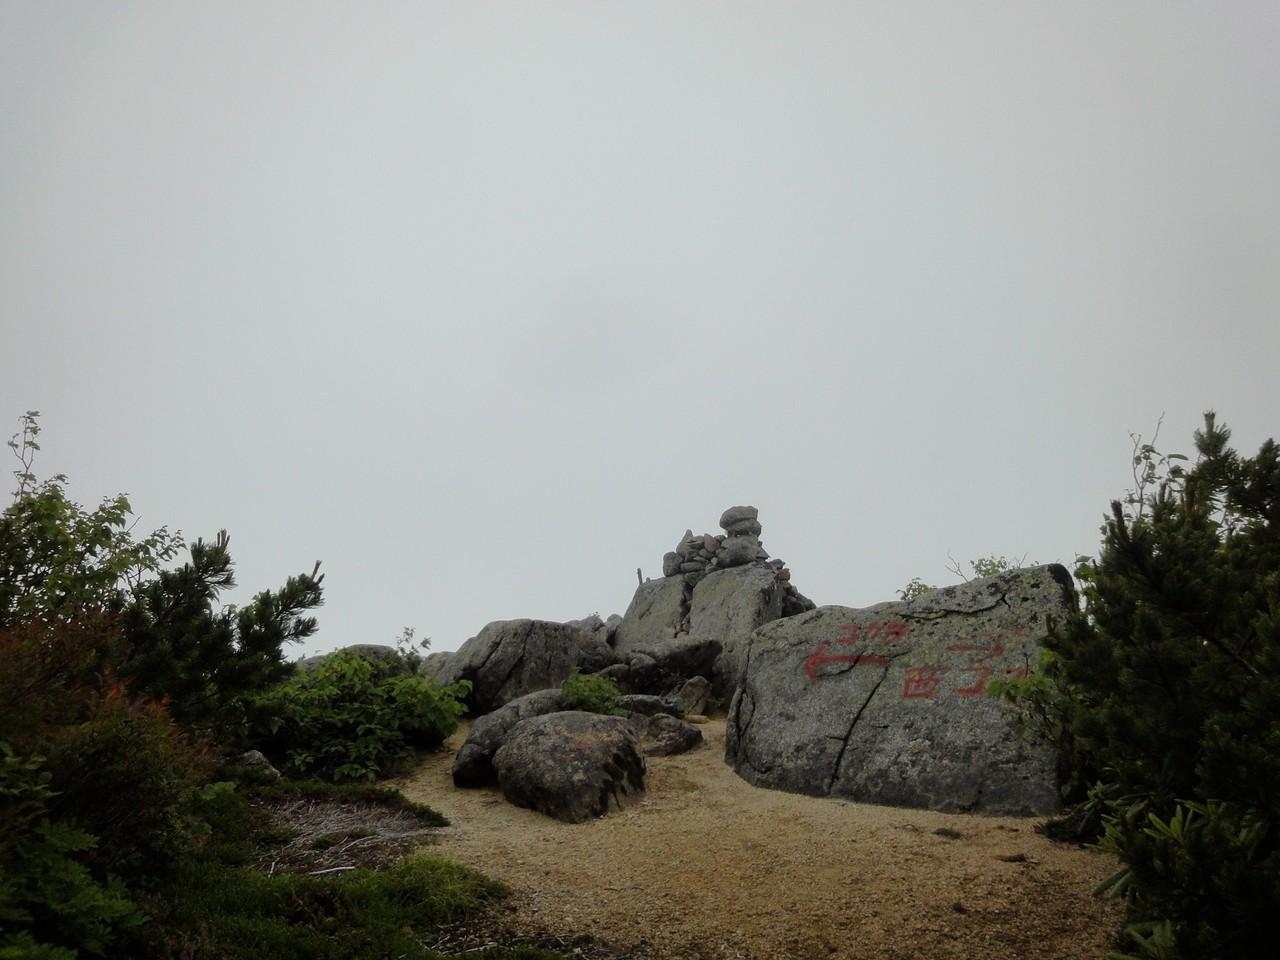 標識ないけど、茶臼山山頂。ここまで誰にもあいませんでした。